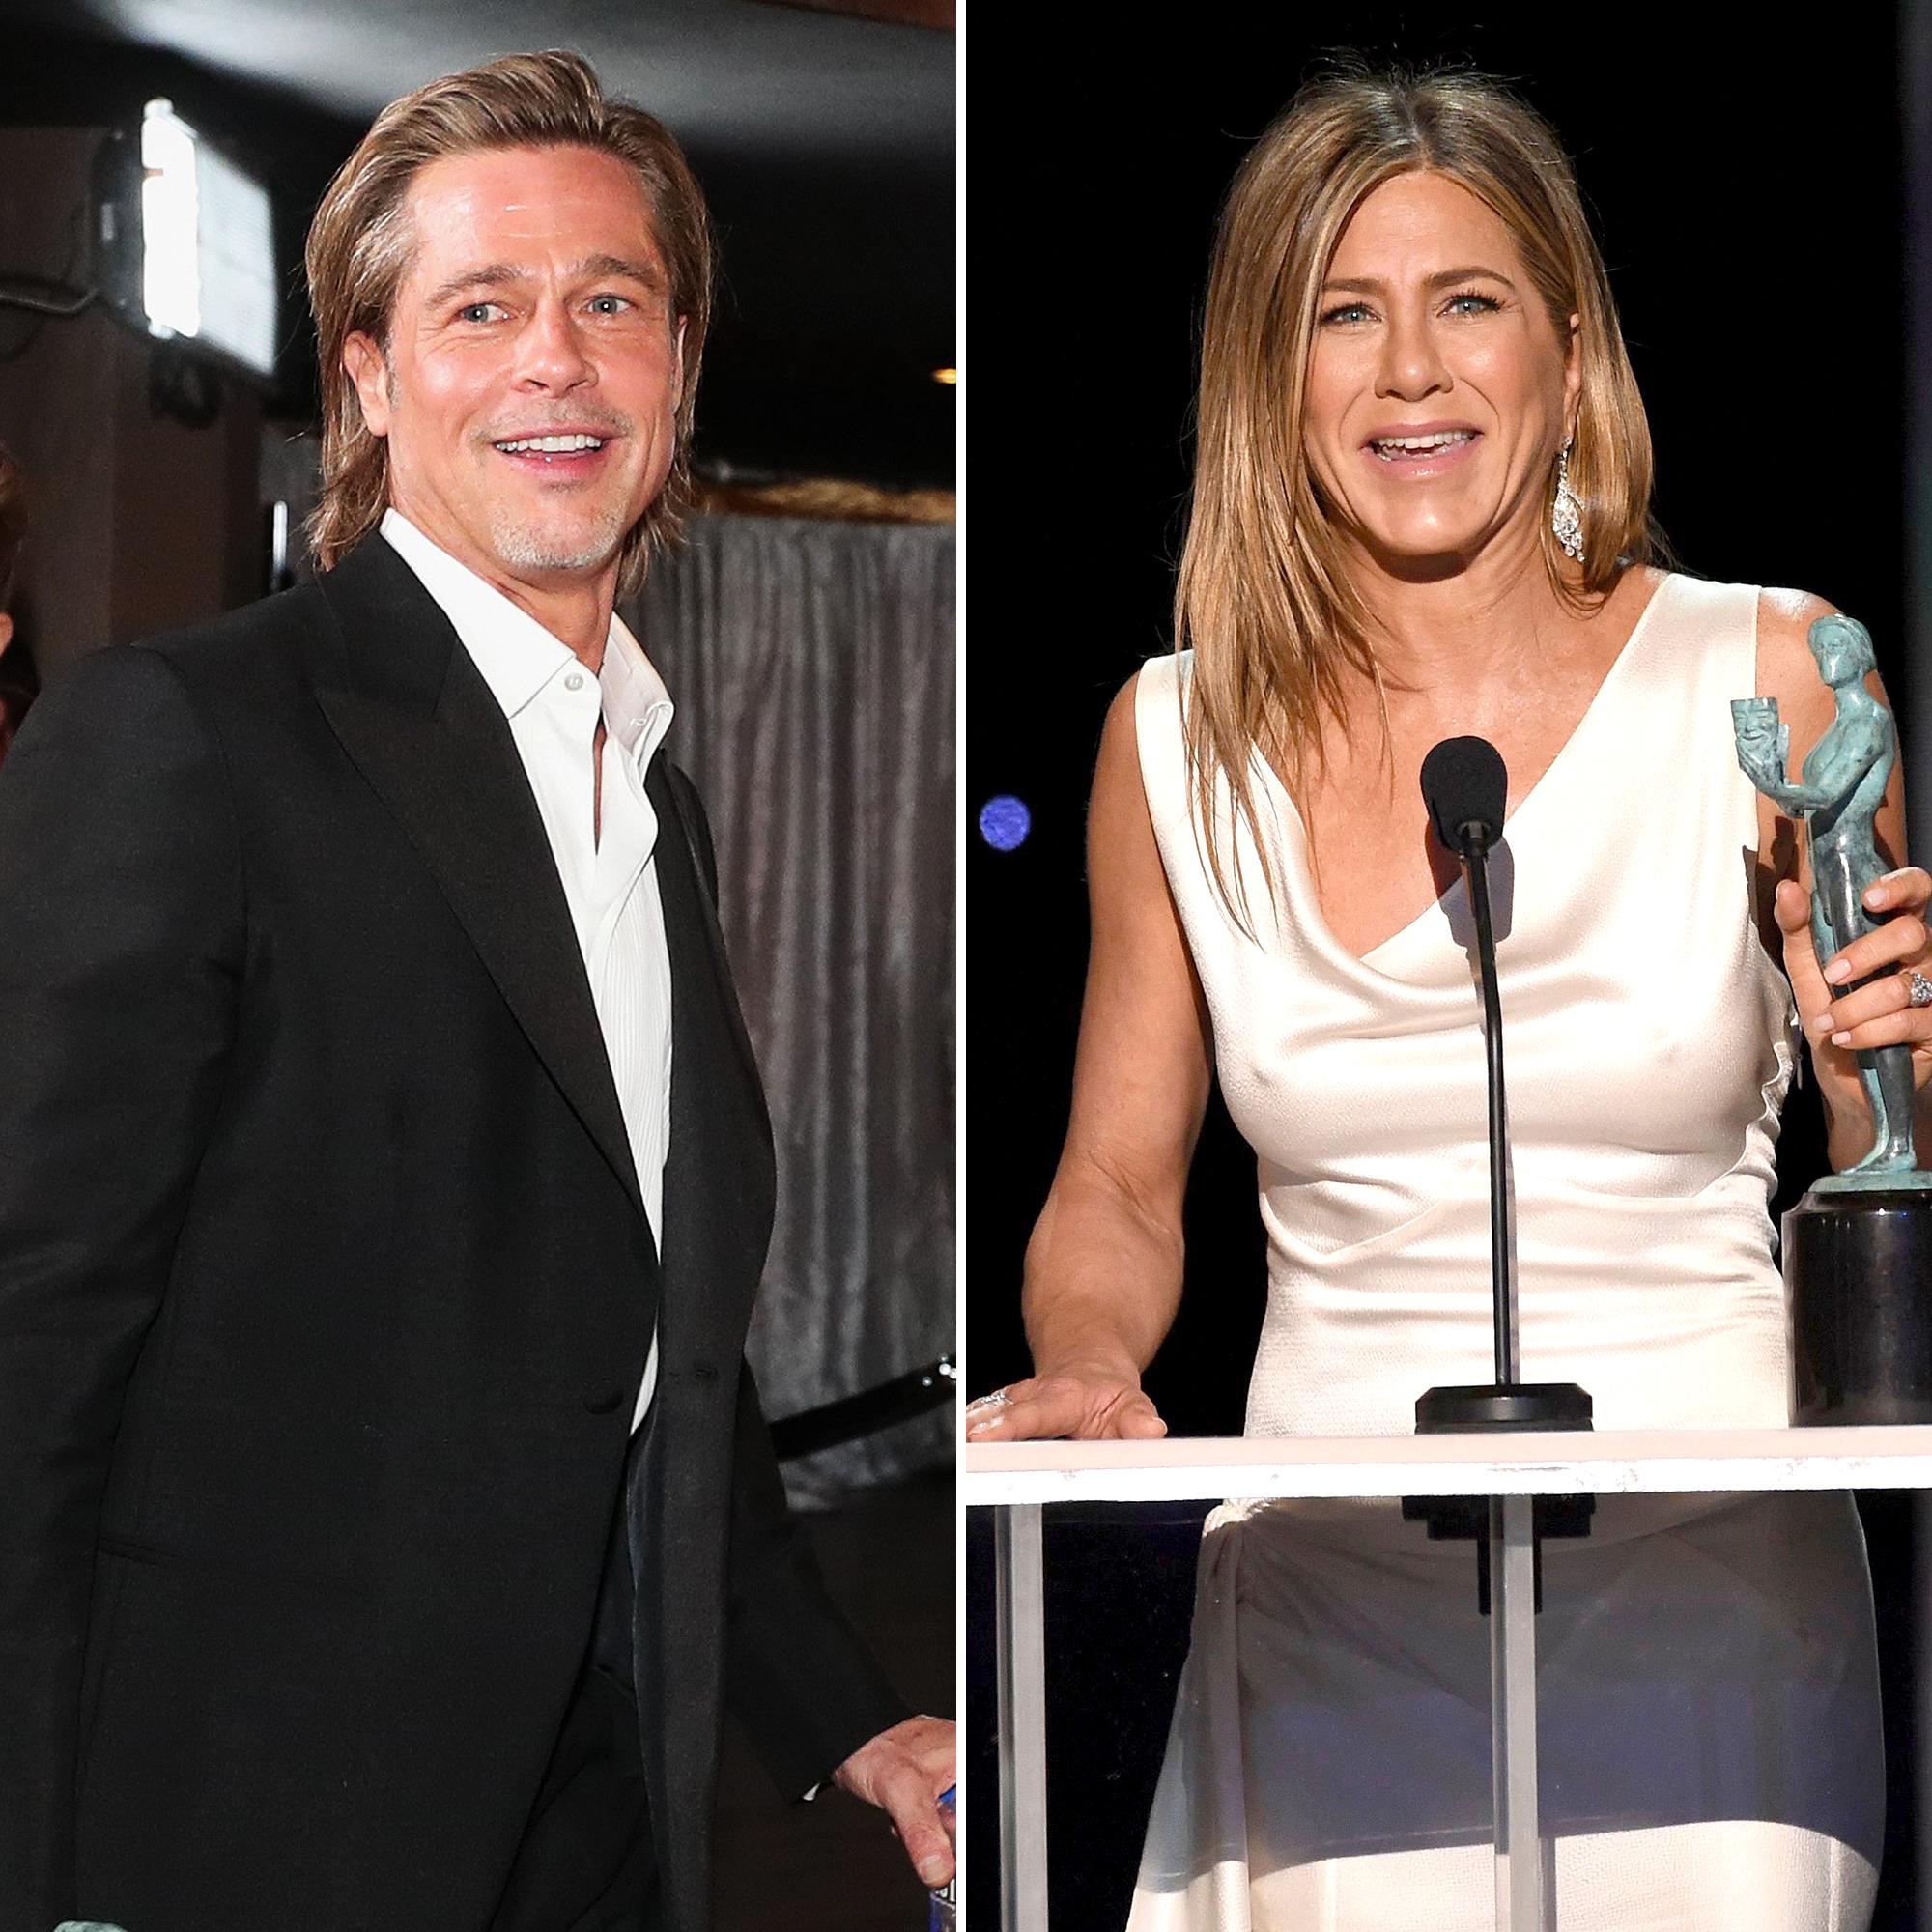 Brad-Pitt-'Immediately'-Left-Photo-Op-to-Watch-Ex-Jen-Aniston's-Speech